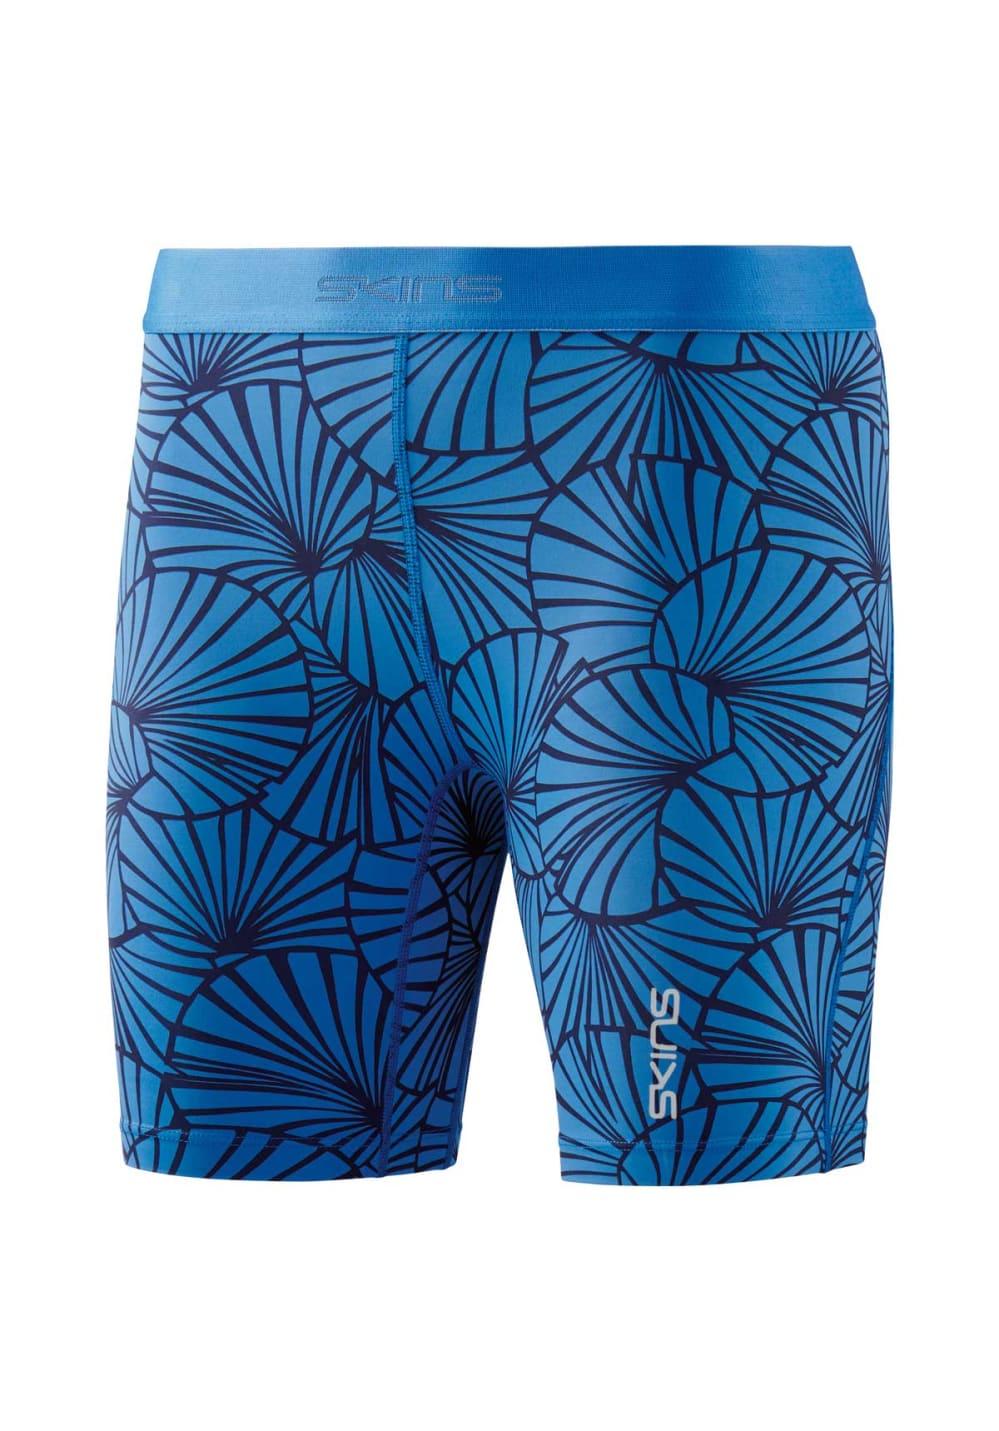 Skins Dnamic Shorts - Laufhosen für Damen - Blau